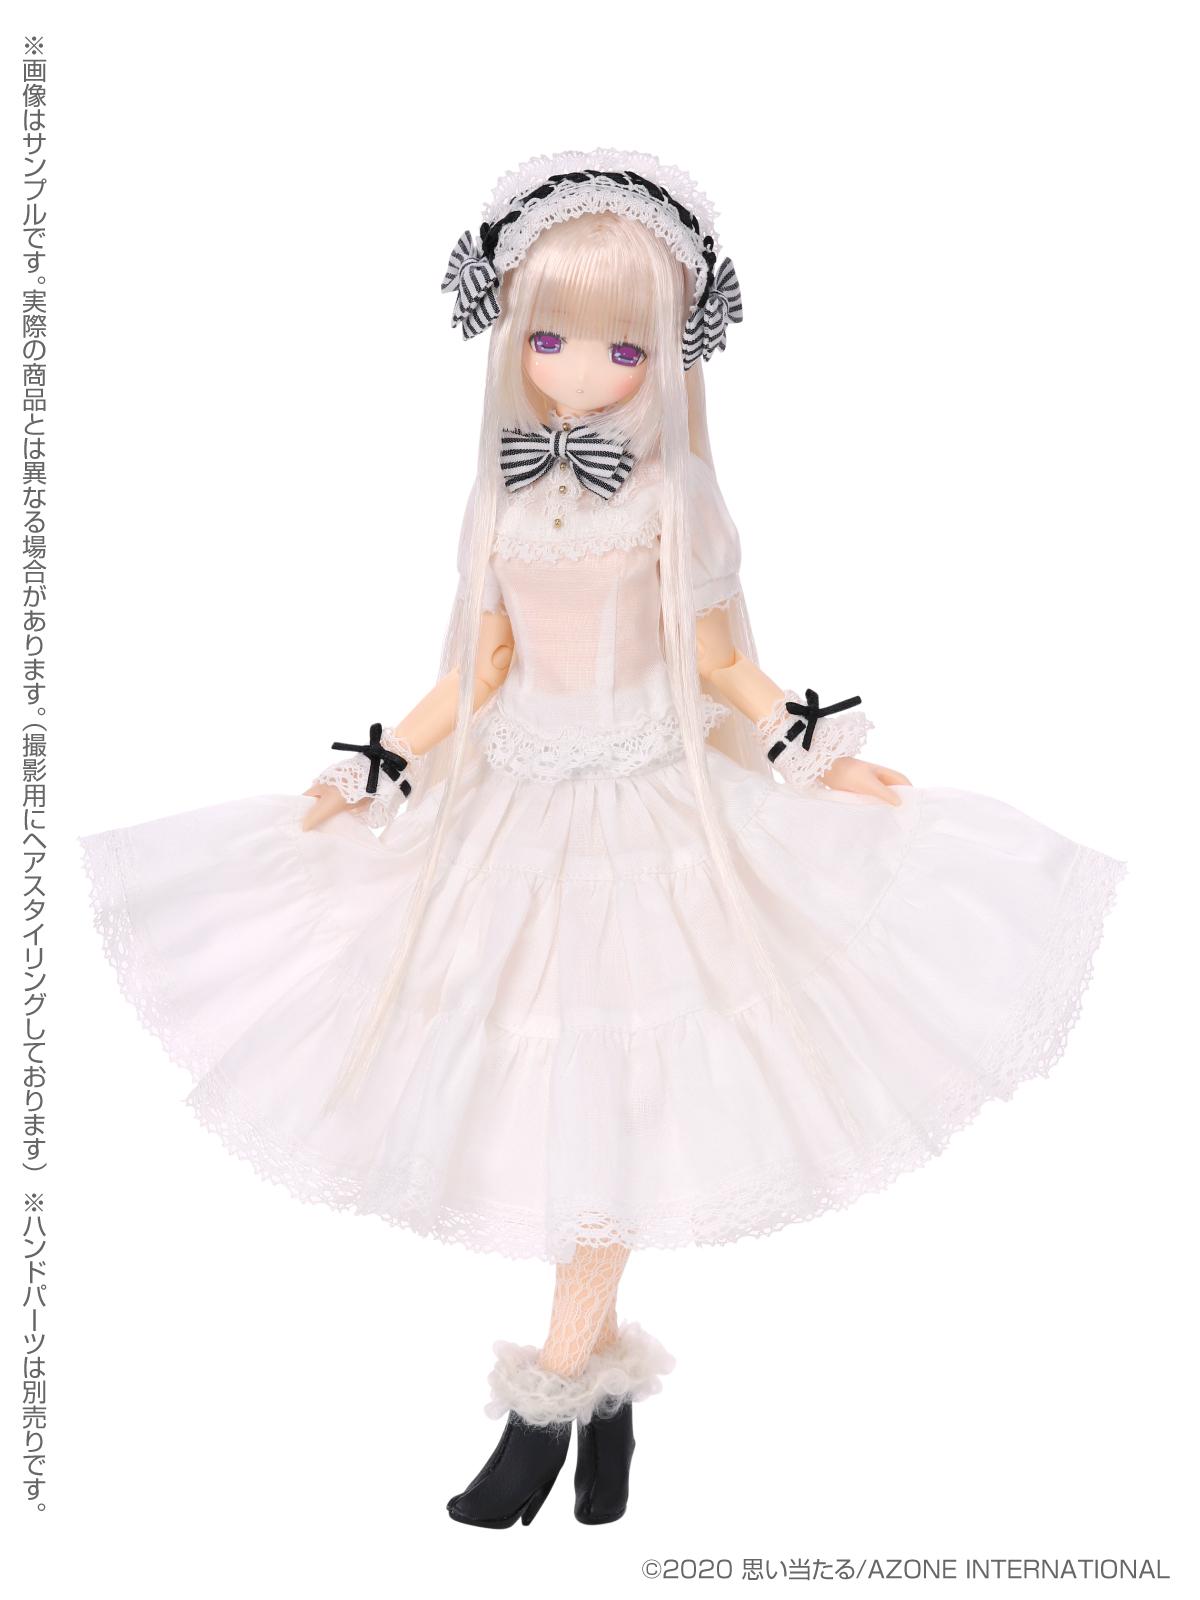 えっくす☆きゅーと ふぁみりー『Otogi no kuni/Snow Queen Mia(おとぎのくに 雪の女王 みあ)ver.1.1(通常販売ver.)』1/6 完成品ドール-008